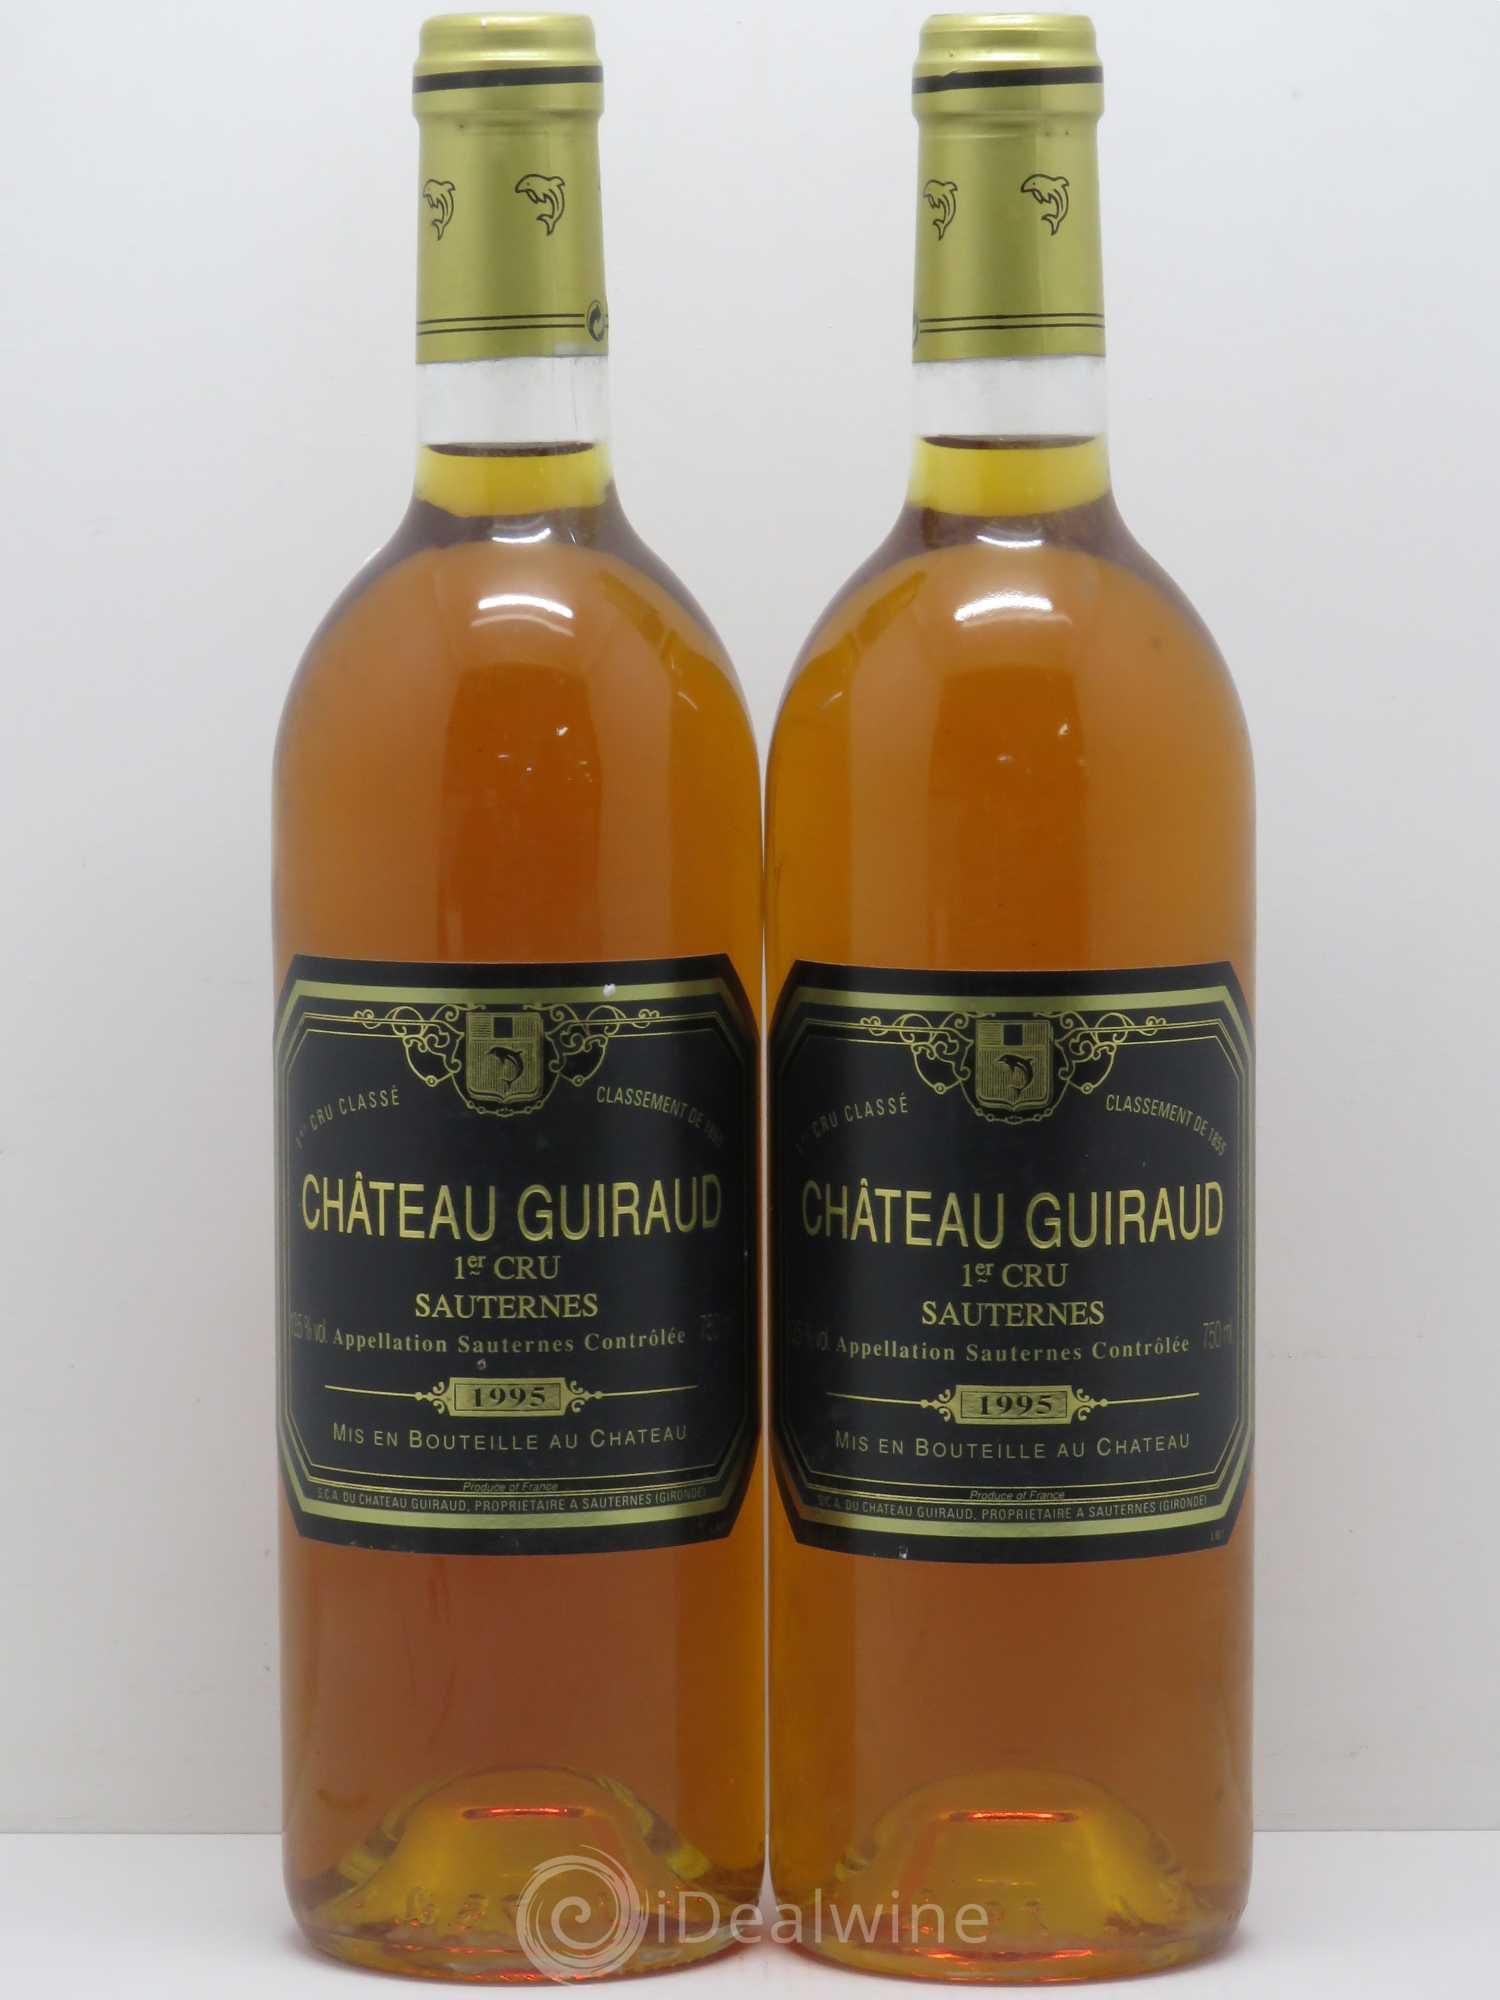 Chteau Guiraud 1er Grand Cru Class 1995